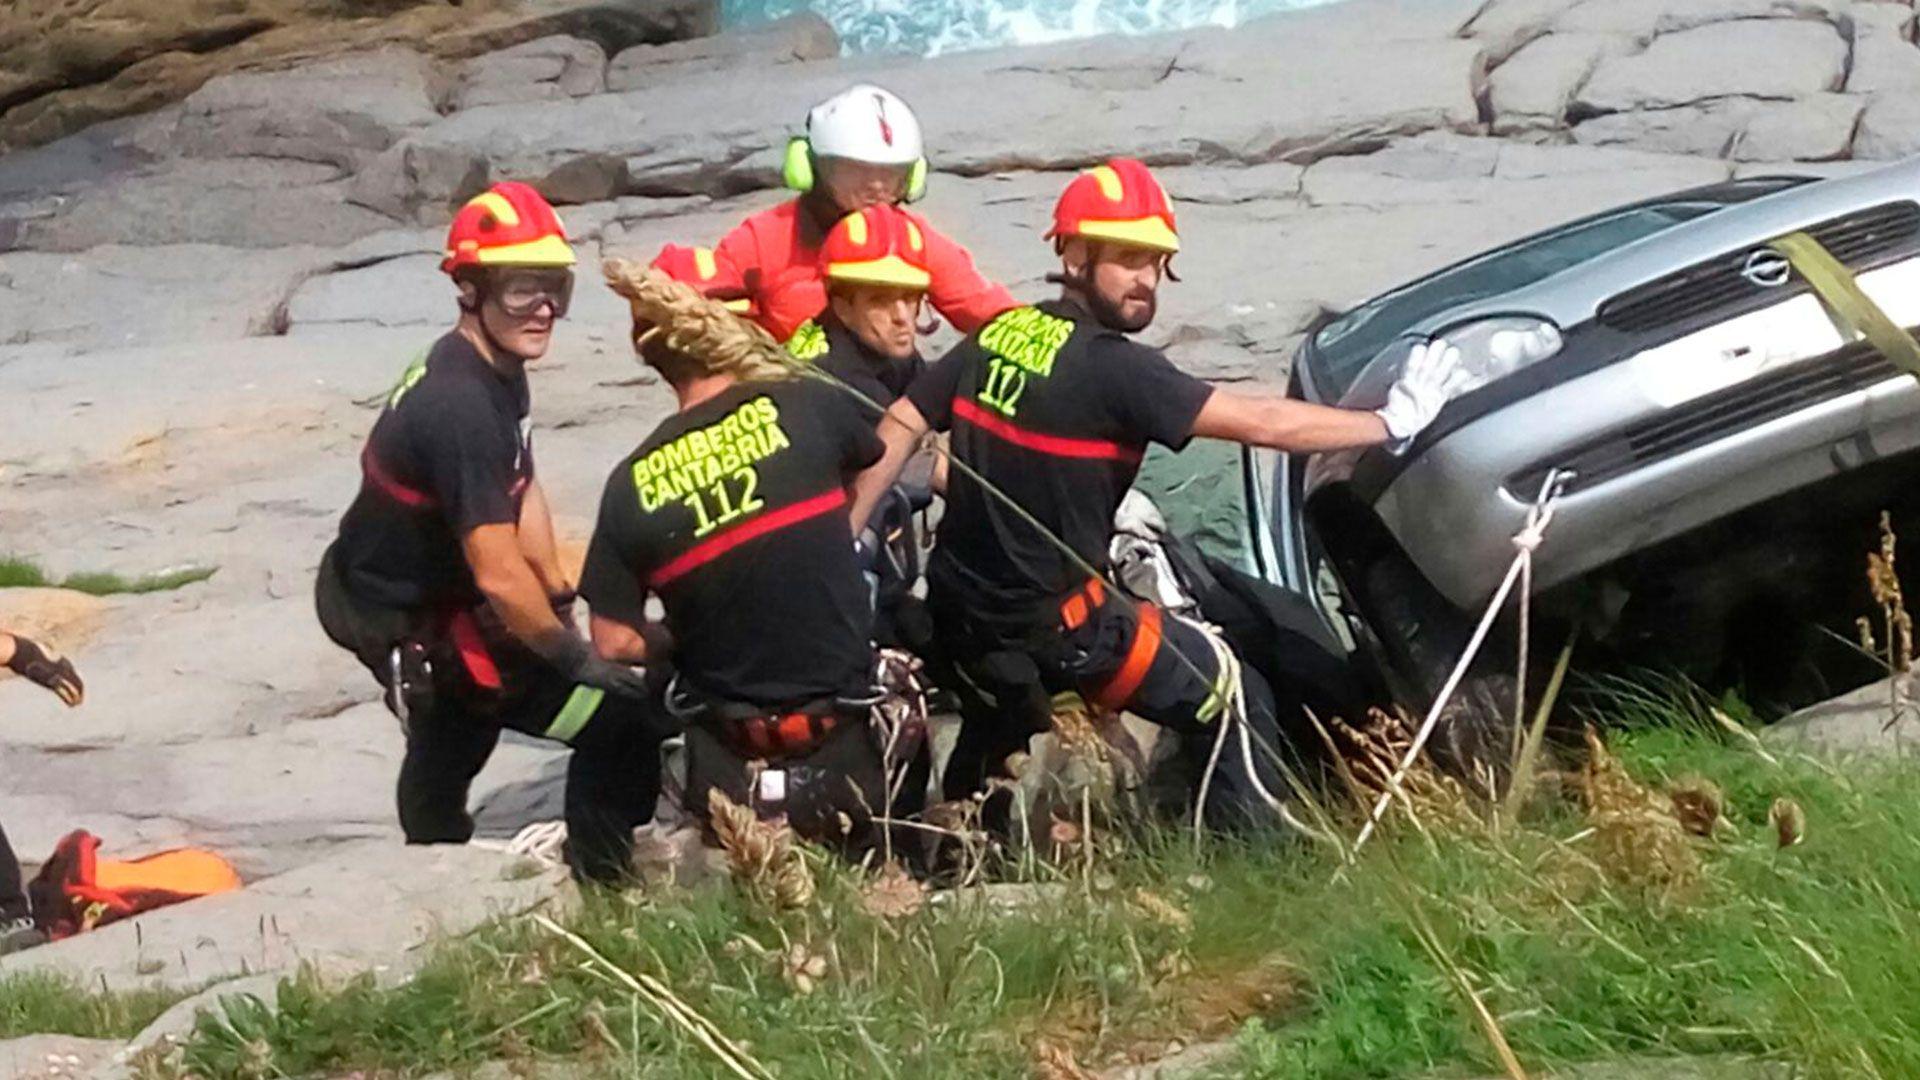 112 de cantabria rescate coche en costa